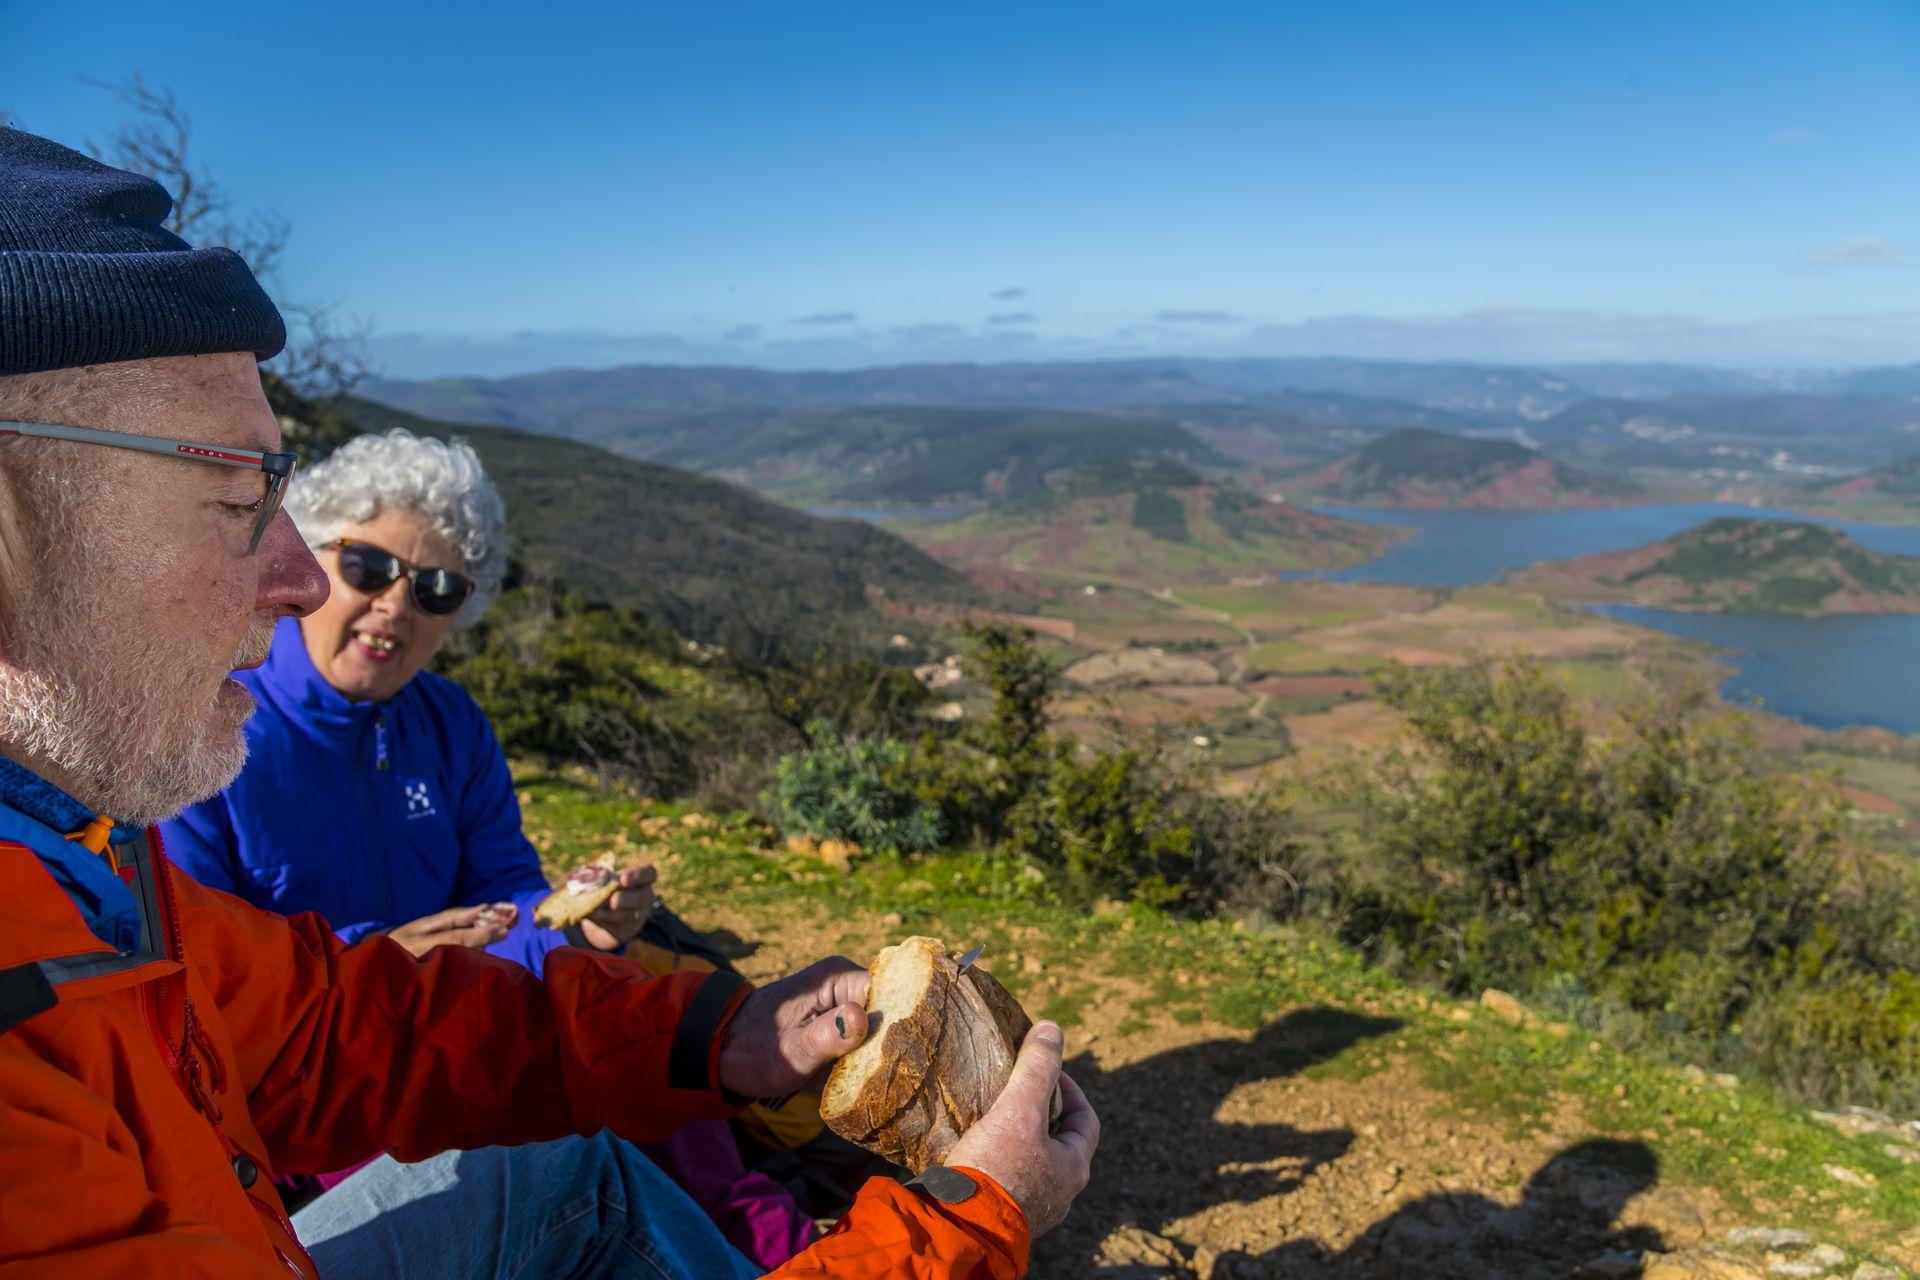 Couple de seniors qui pique-nique en haut du Mont Liausson, vue sur le lac du Salagou